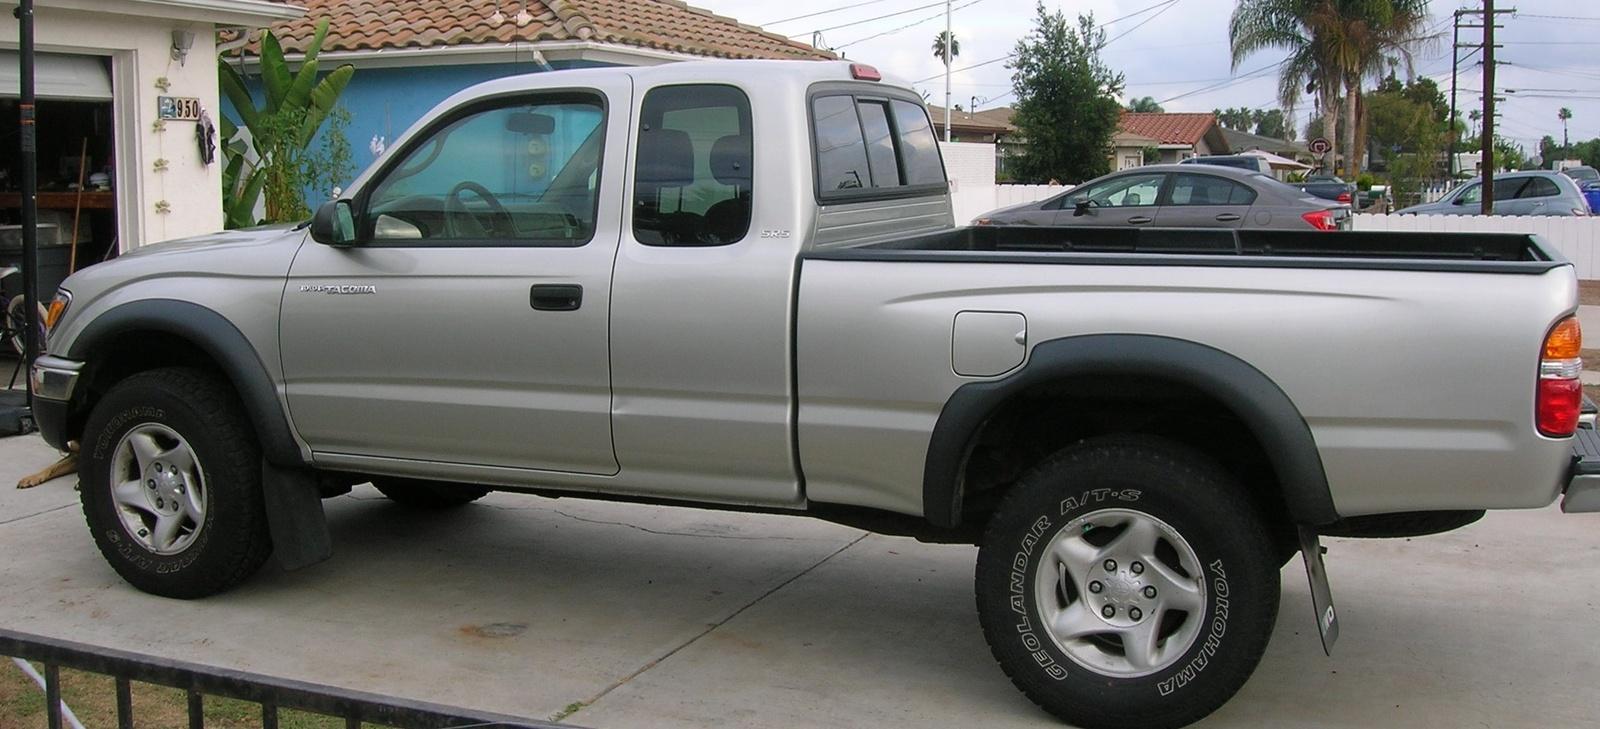 2004 Toyota Tacoma Overview Cargurus